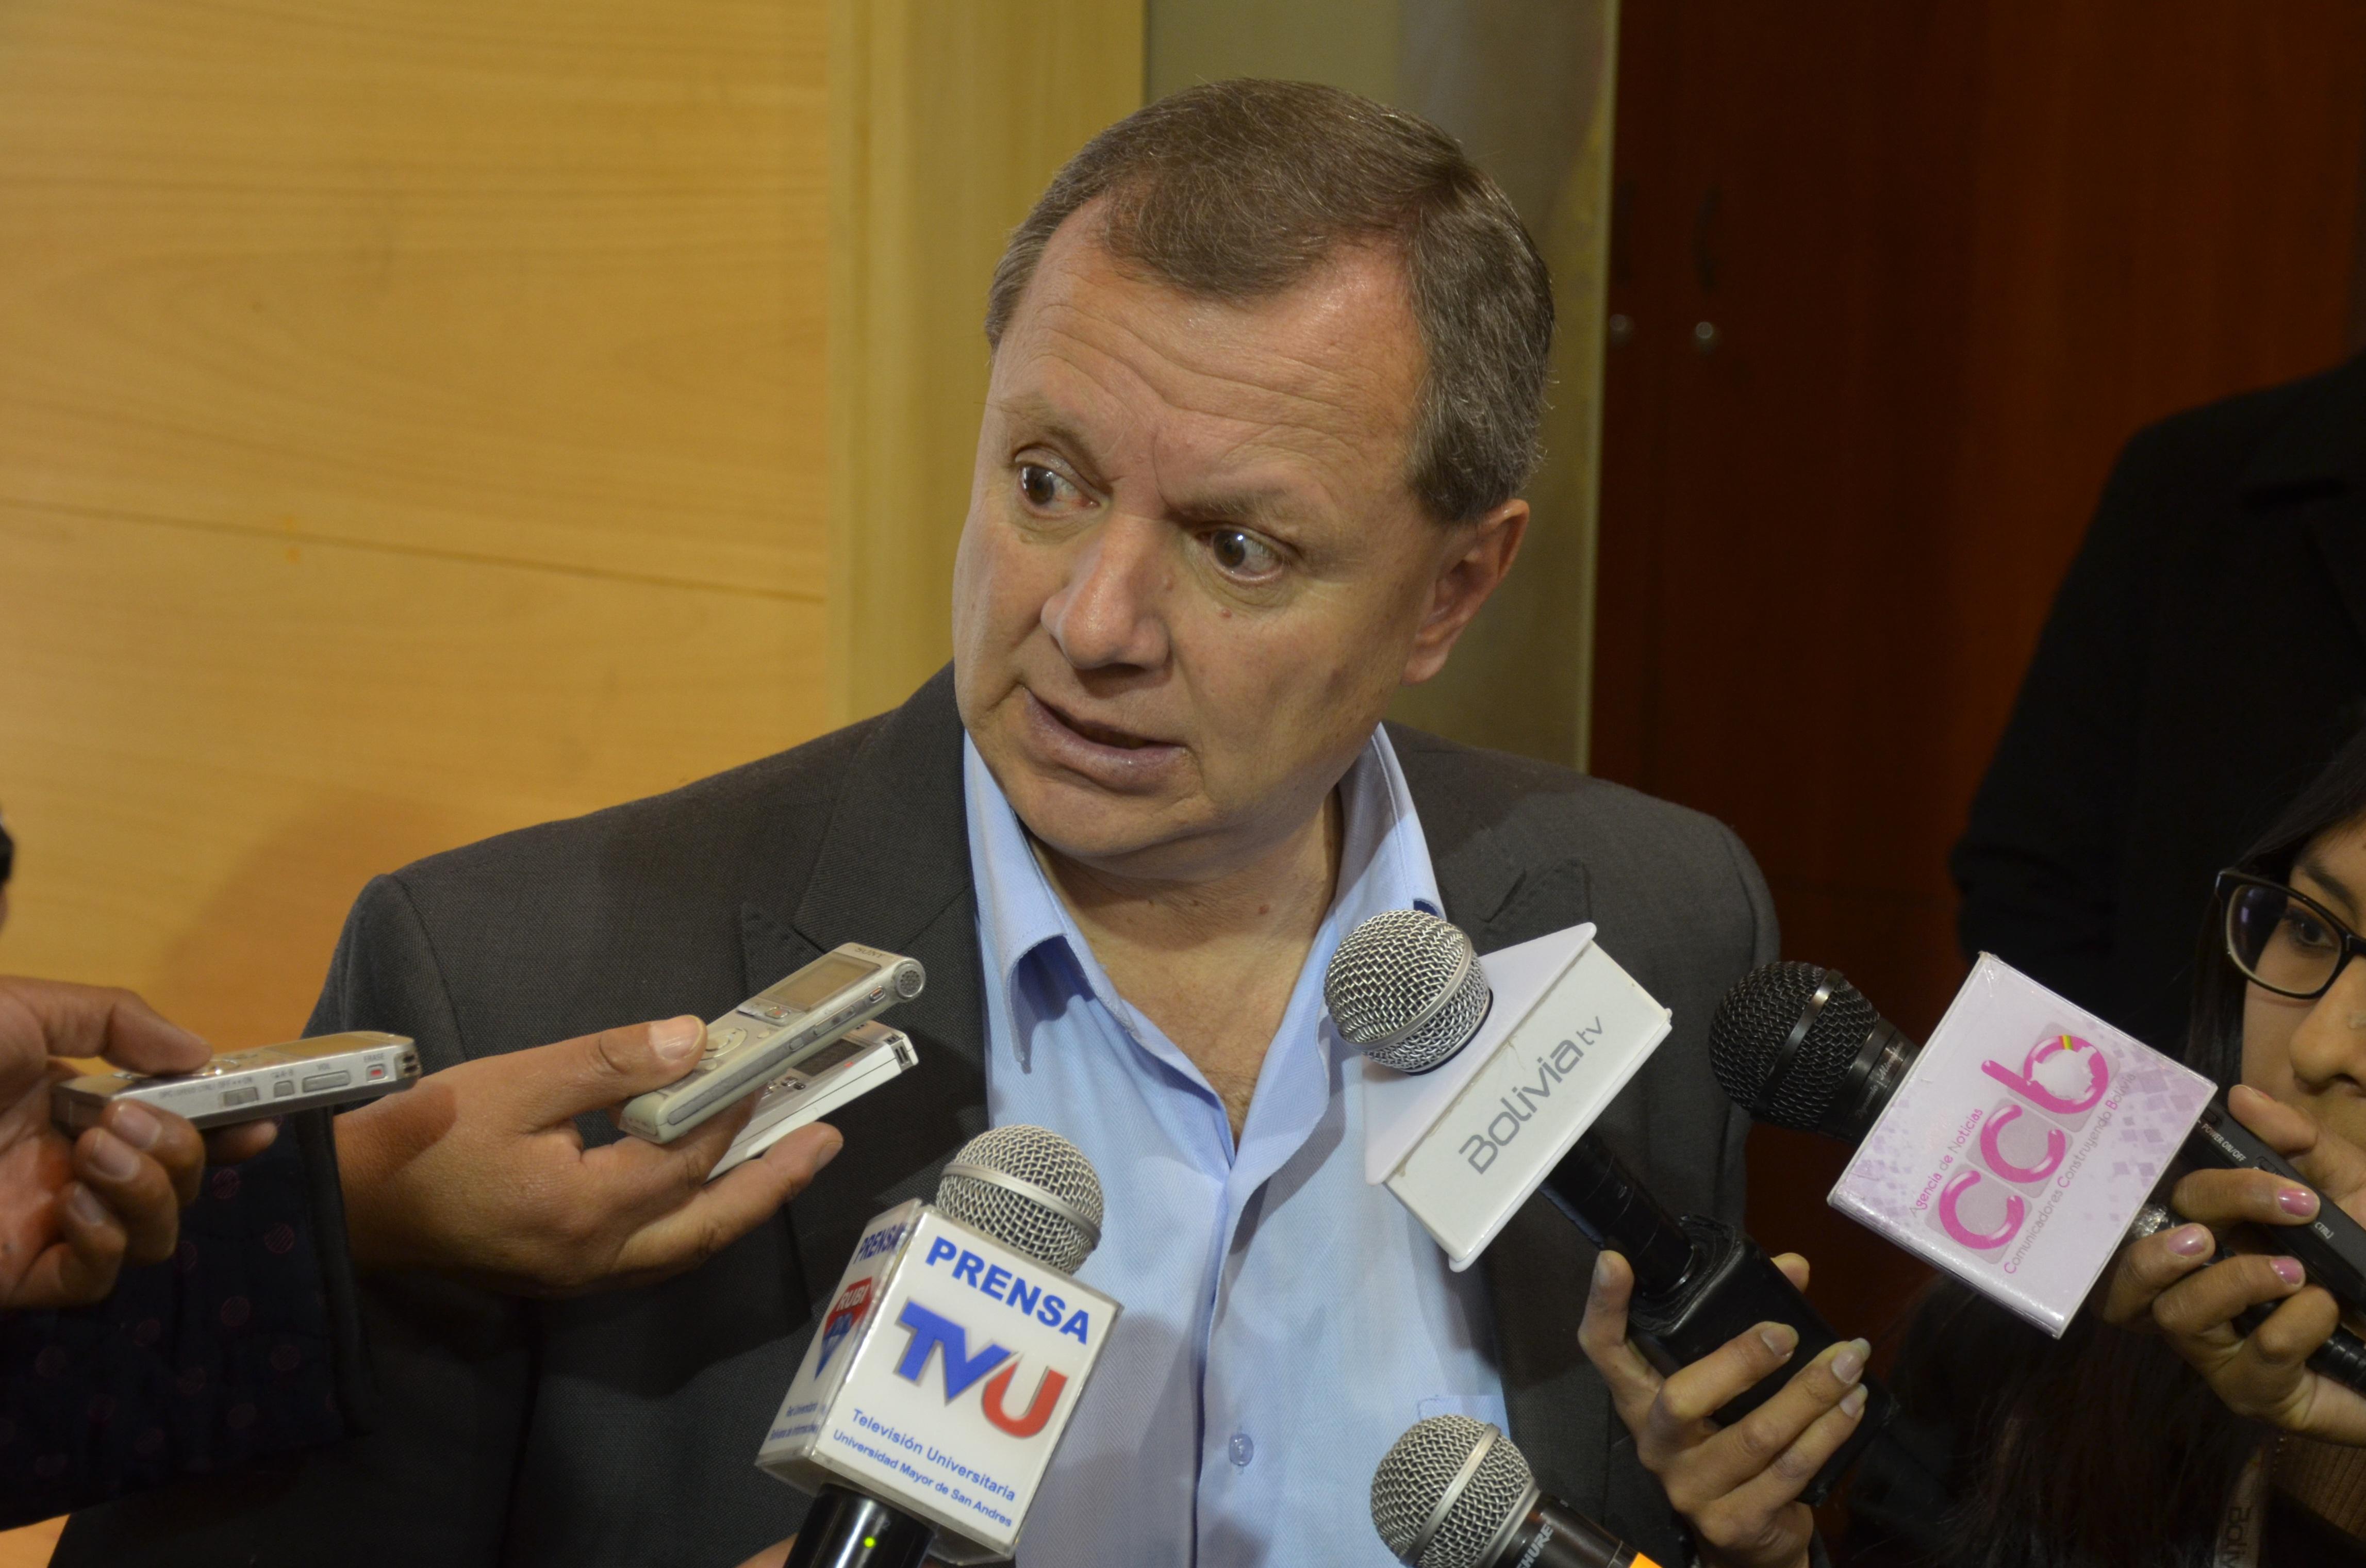 Senador Gonzales espera que candidaturas de la oposición vengan acompañadas de propuestas